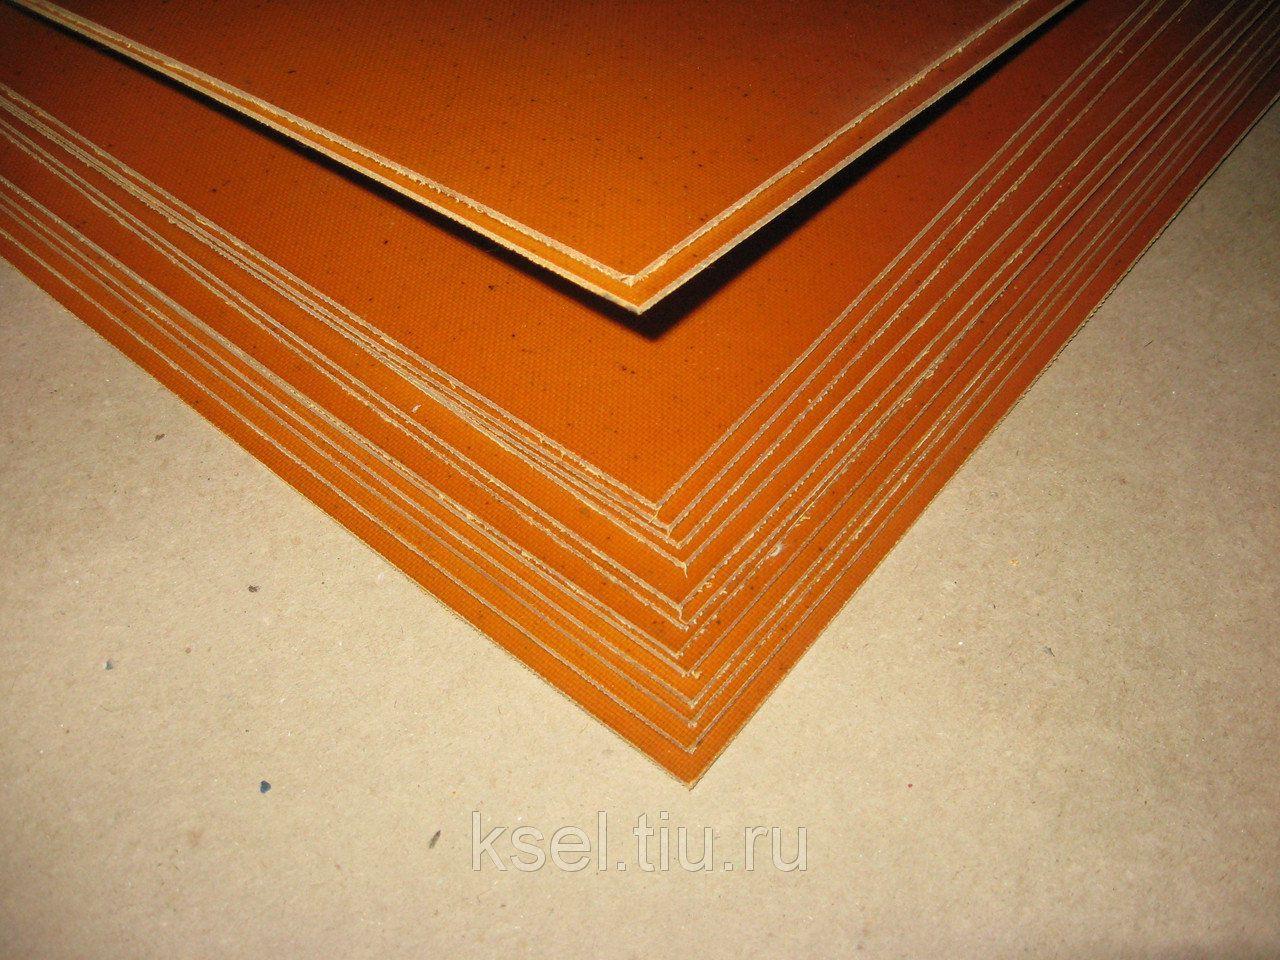 Текстолит листовой ПТ